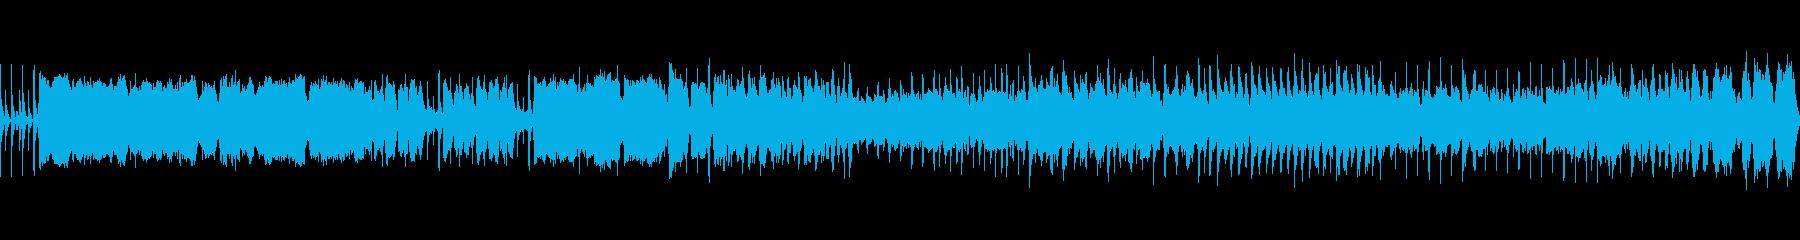 風変わりなレトロなビデオゲーム音楽...の再生済みの波形